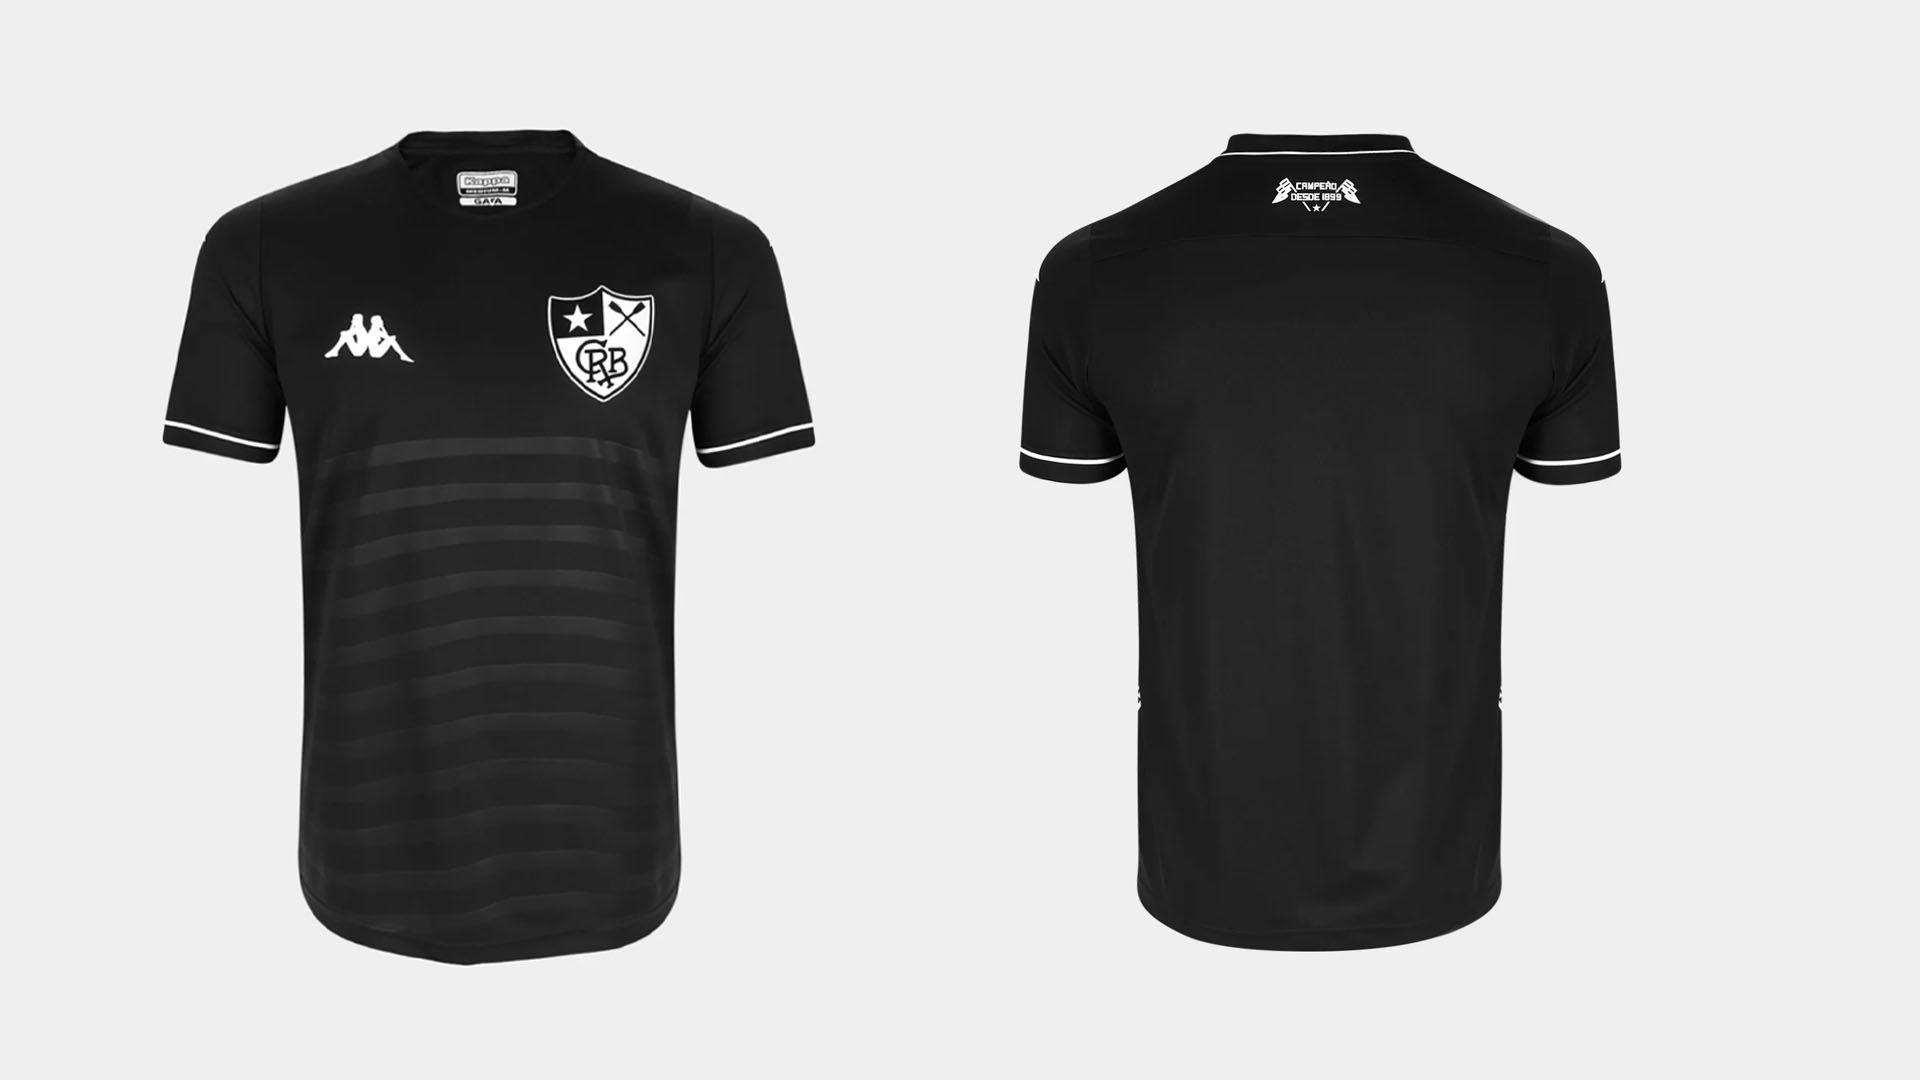 Camisa do Botafogo 2019 Kappa Jogo 2 (Imagem: Divulgação/Kappa)